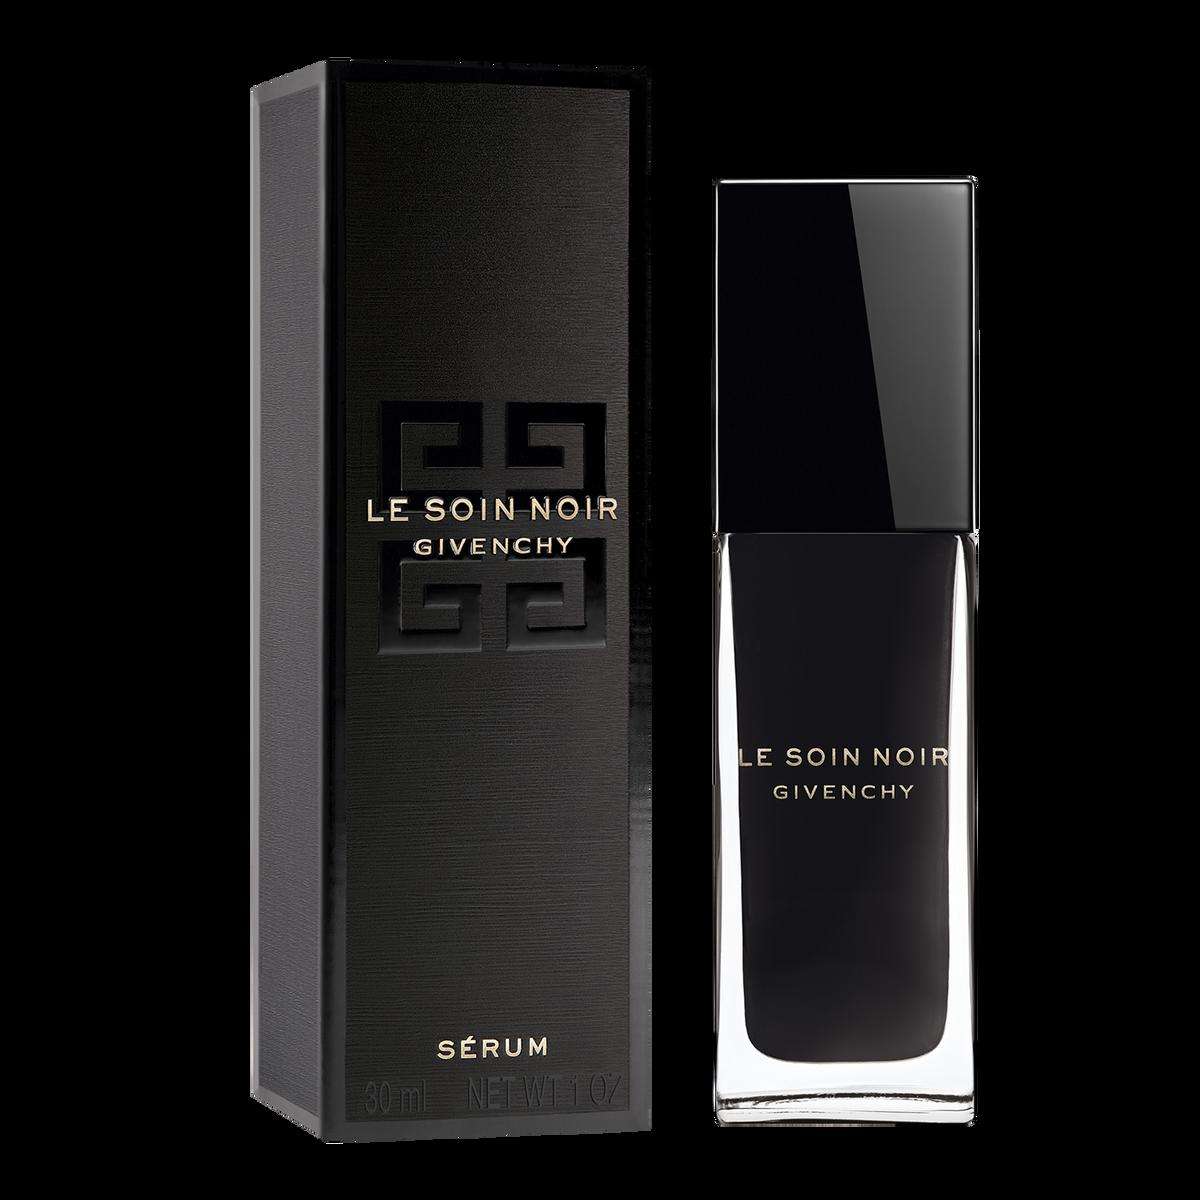 Le Soin Noir Lifting Serum